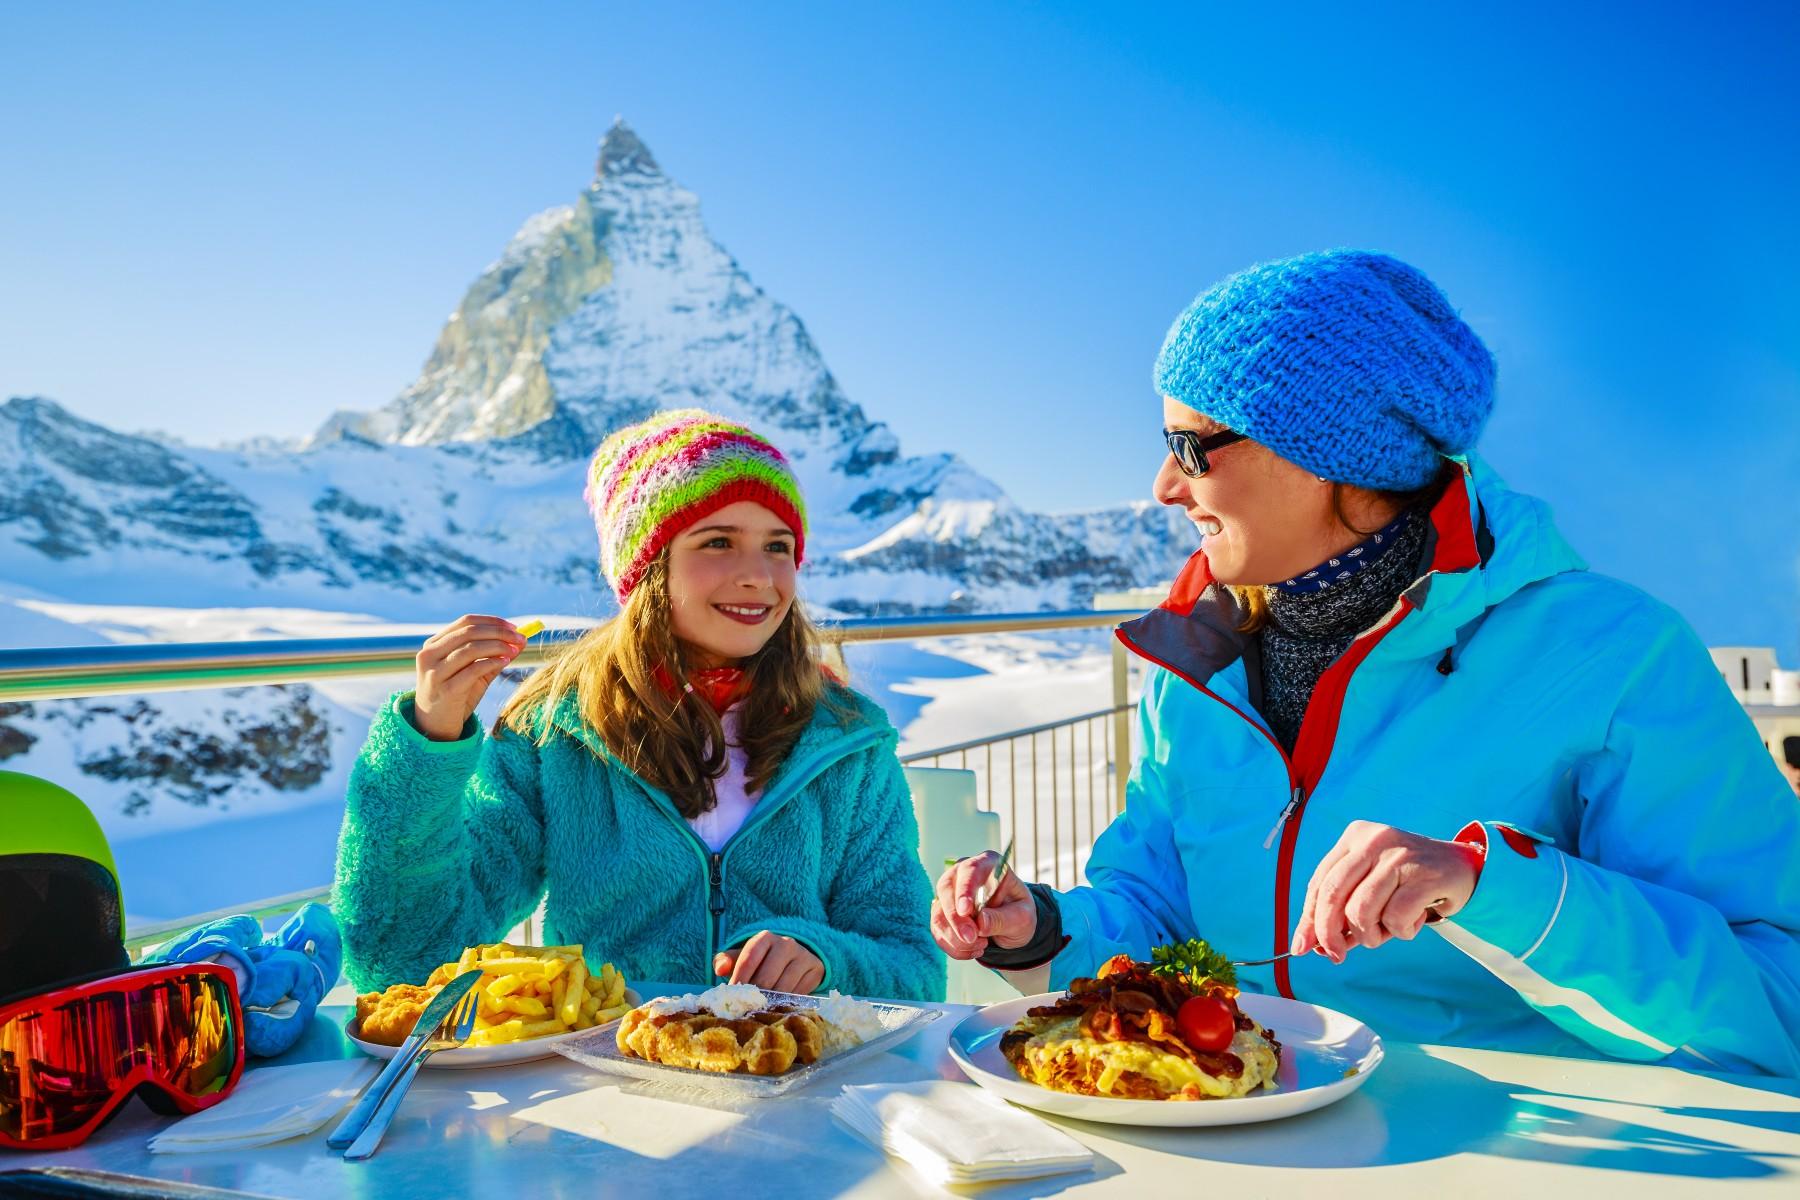 Social etiquette in Switzerland, alps ski dining